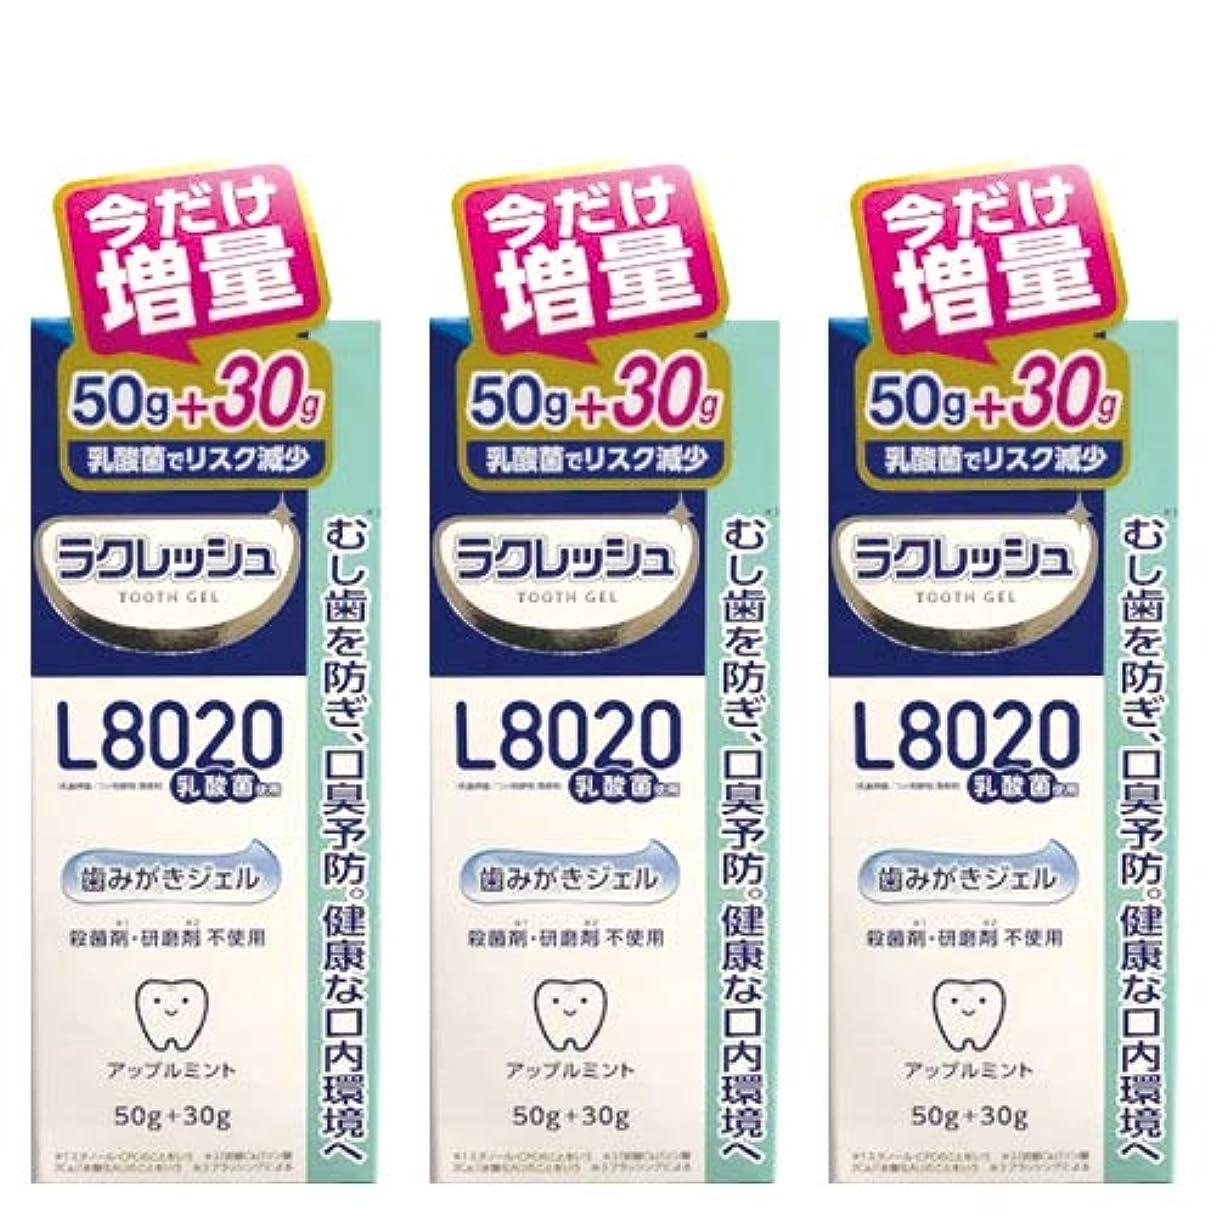 ドライバしみマント【増量30g 】ジェクス L8020乳酸菌 ラクレッシュ 歯みがきジェル 80g(50g+30g)×3本セット